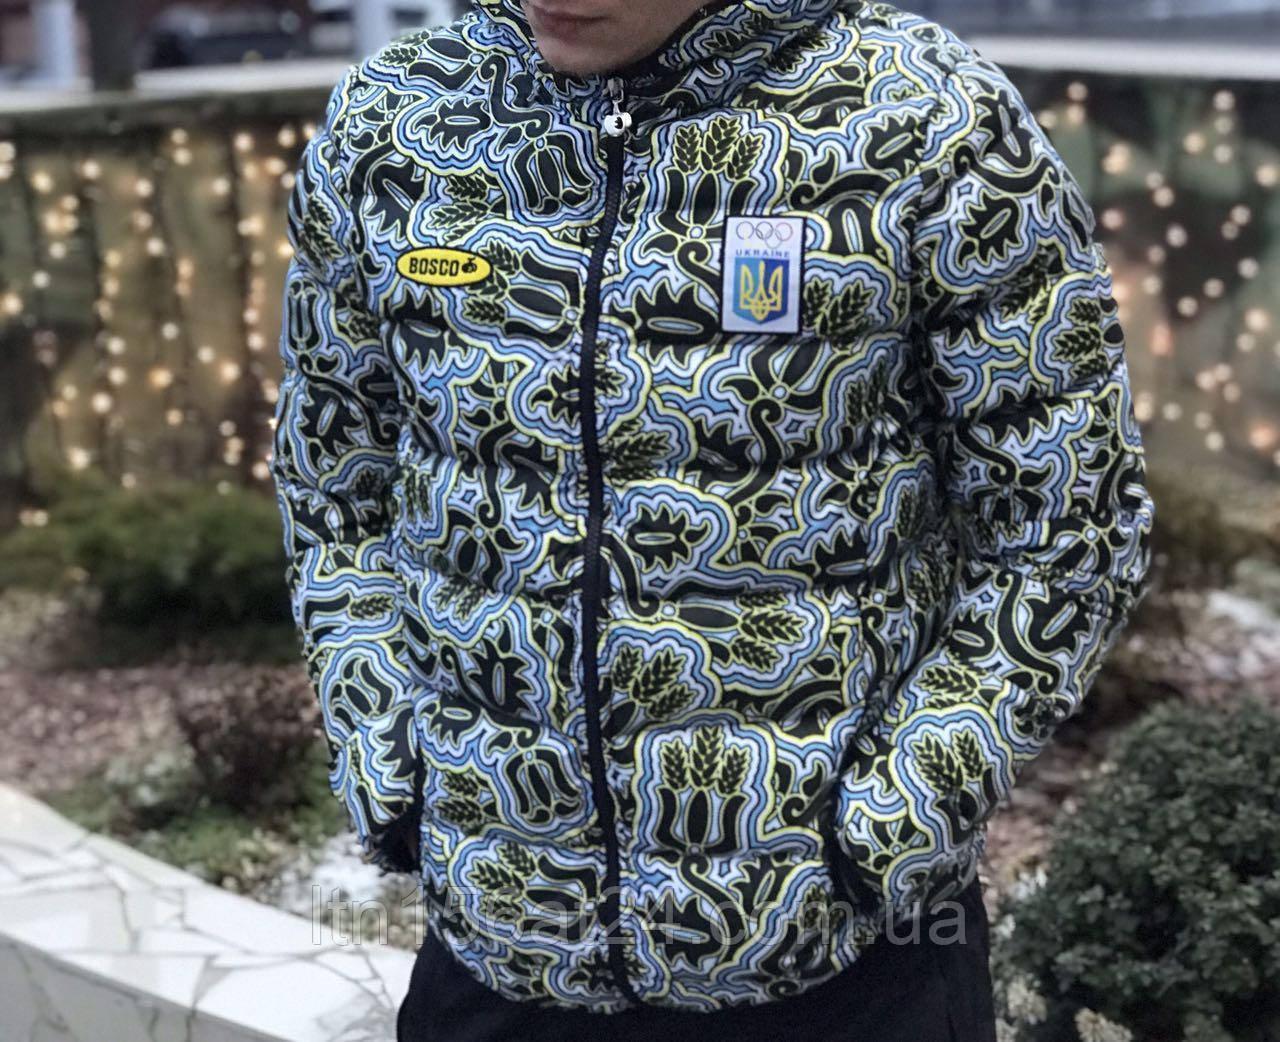 Куртка пуховик мужская  bosco sport Украина. оригинал.  Хит сезона!🇺🇦 коллекция 2021 года